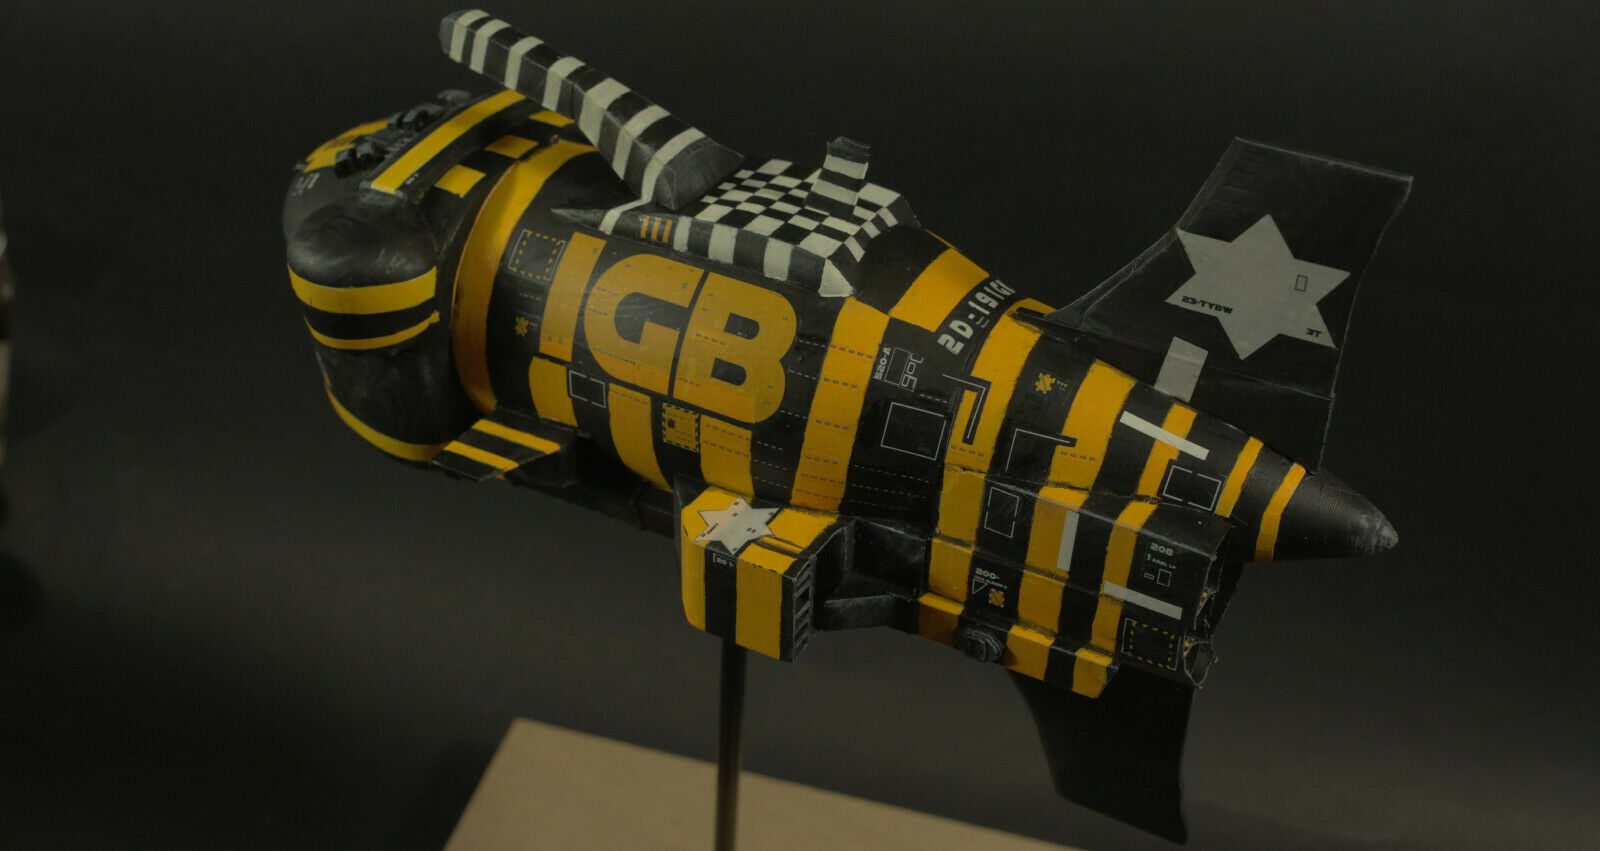 Model kit spaceship (alien,Dune,star wars inspired) Chris foss inspired artwork